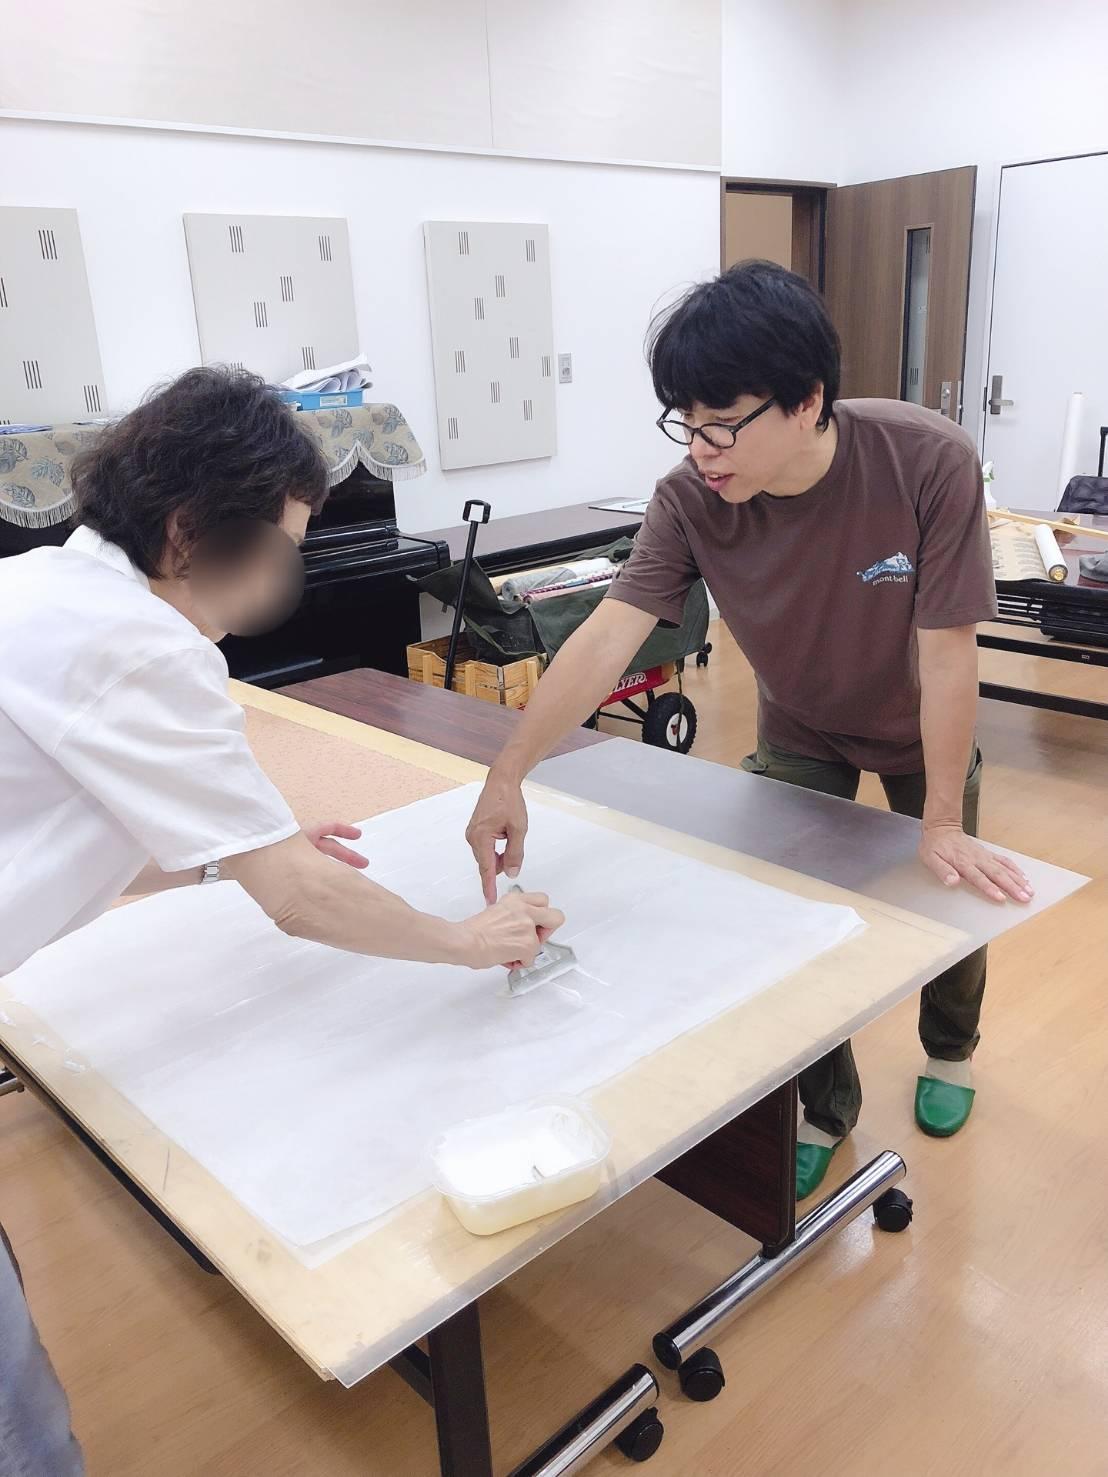 【三木校】通期:楽しい表装セミナー・日曜クラス 20/08/02~21/02/07